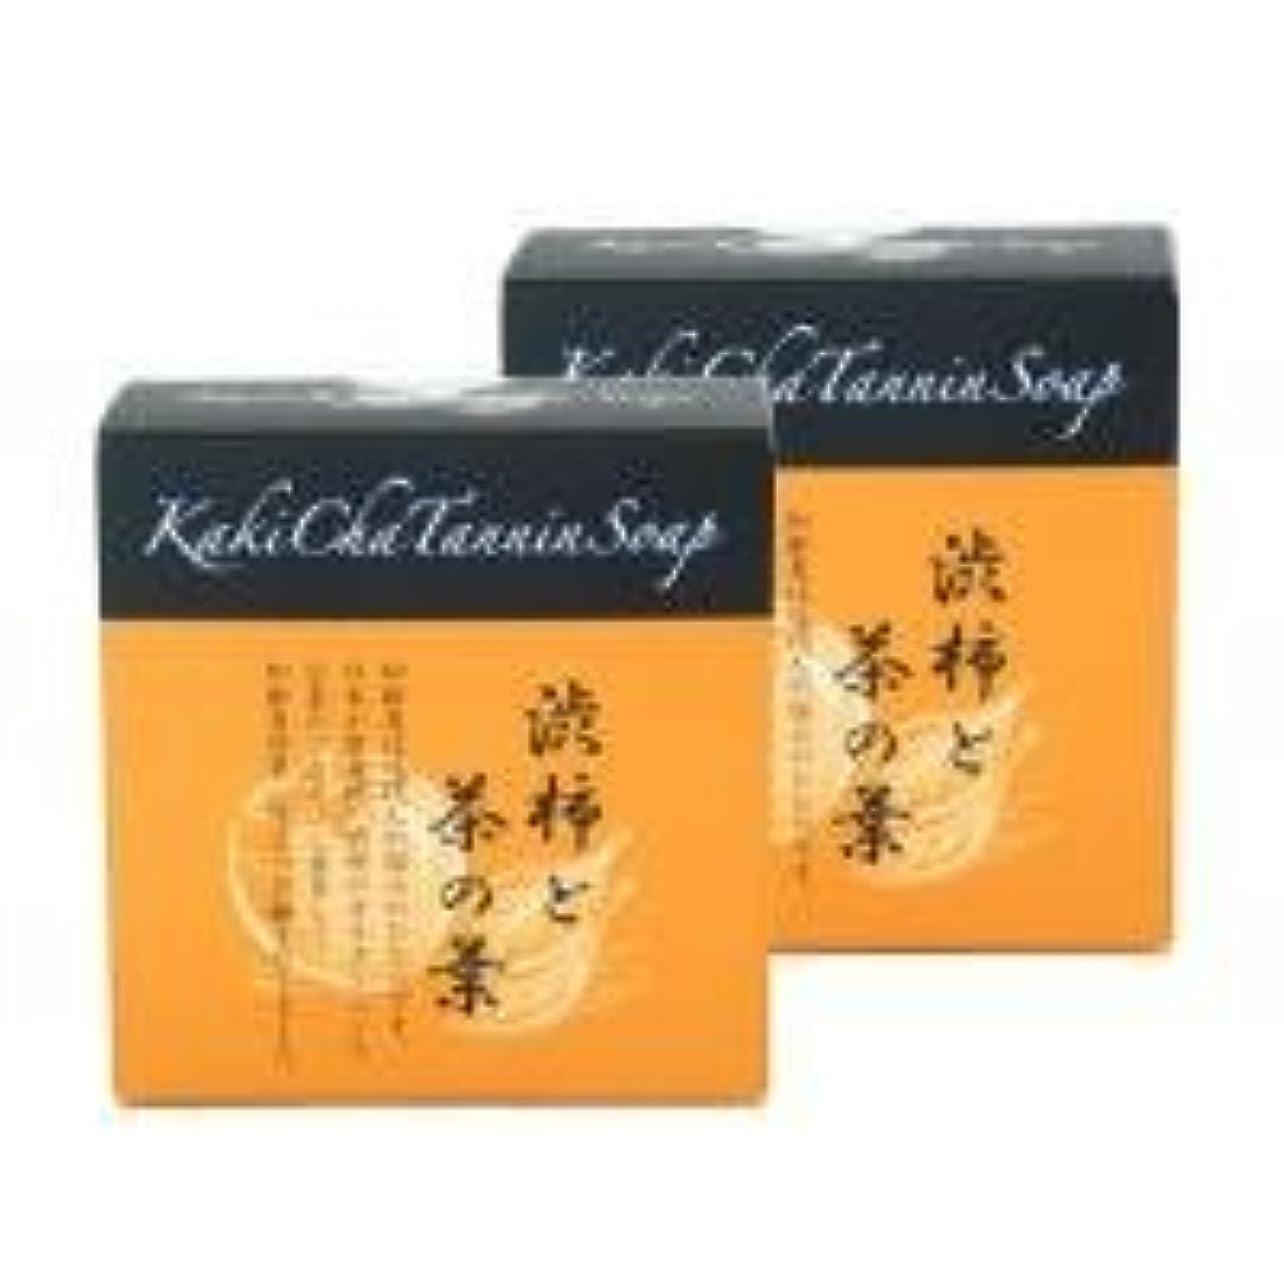 届ける暗唱する窓を洗う柿茶タンニンソープ(100g)×2個 K00024W